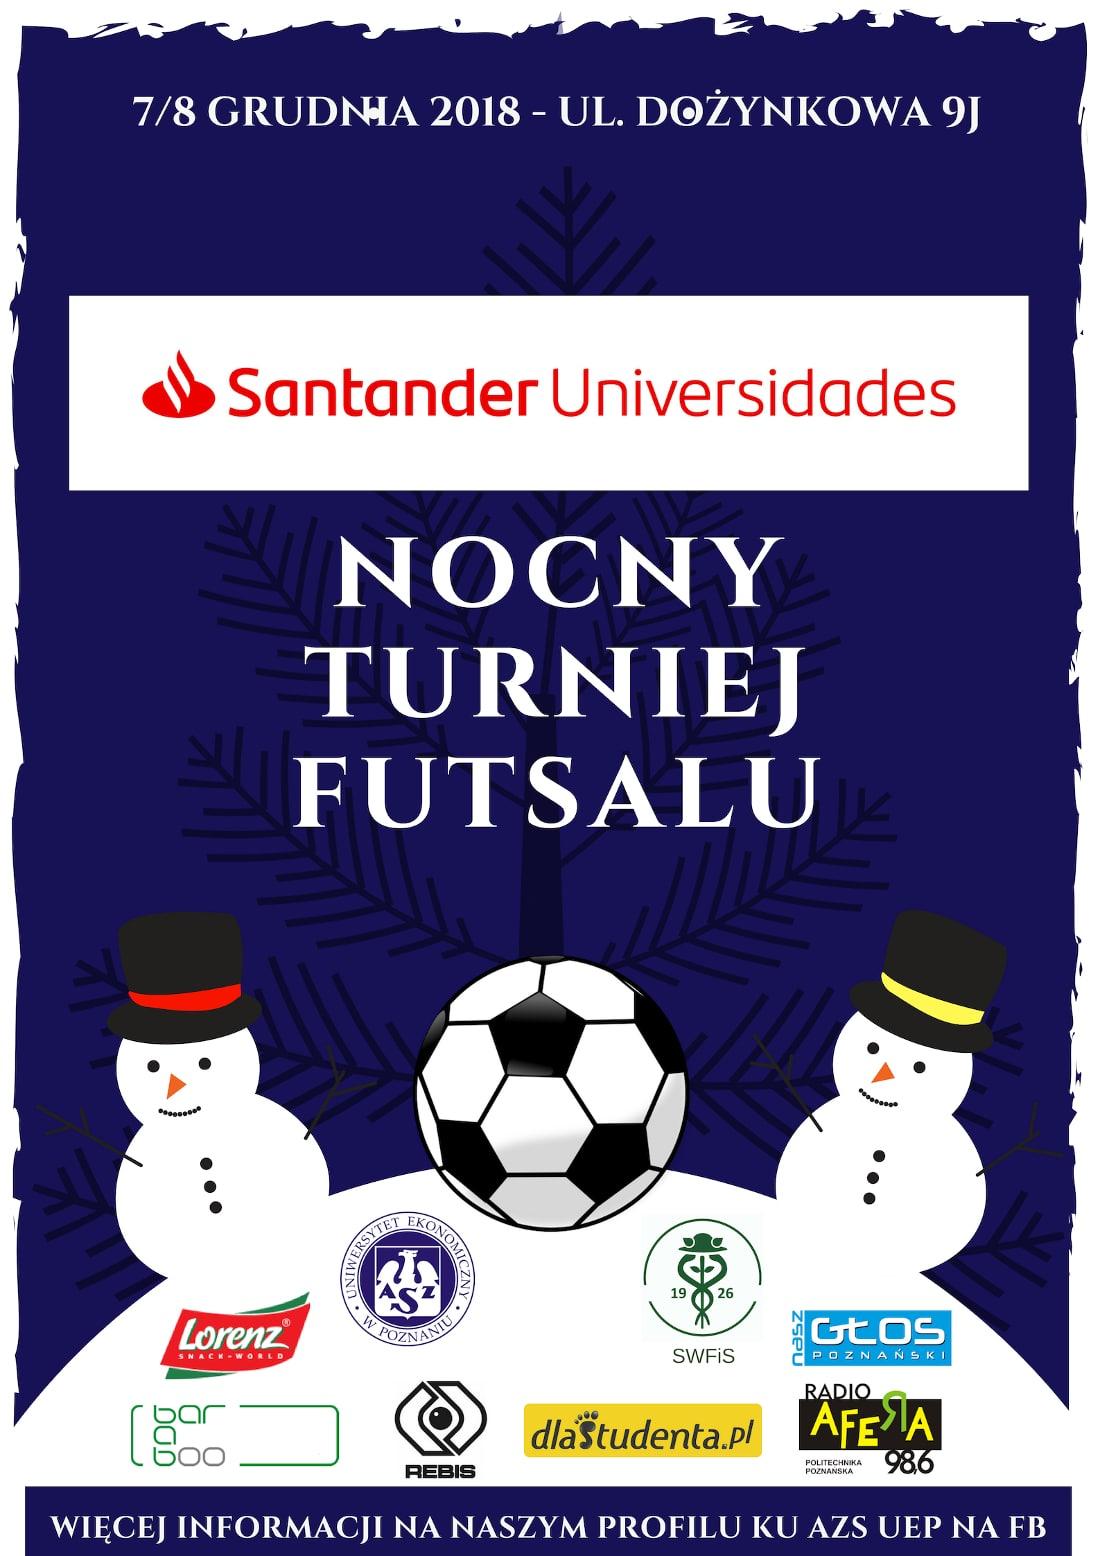 Turniej odbędzie się 7 grudnia 2018 roku.